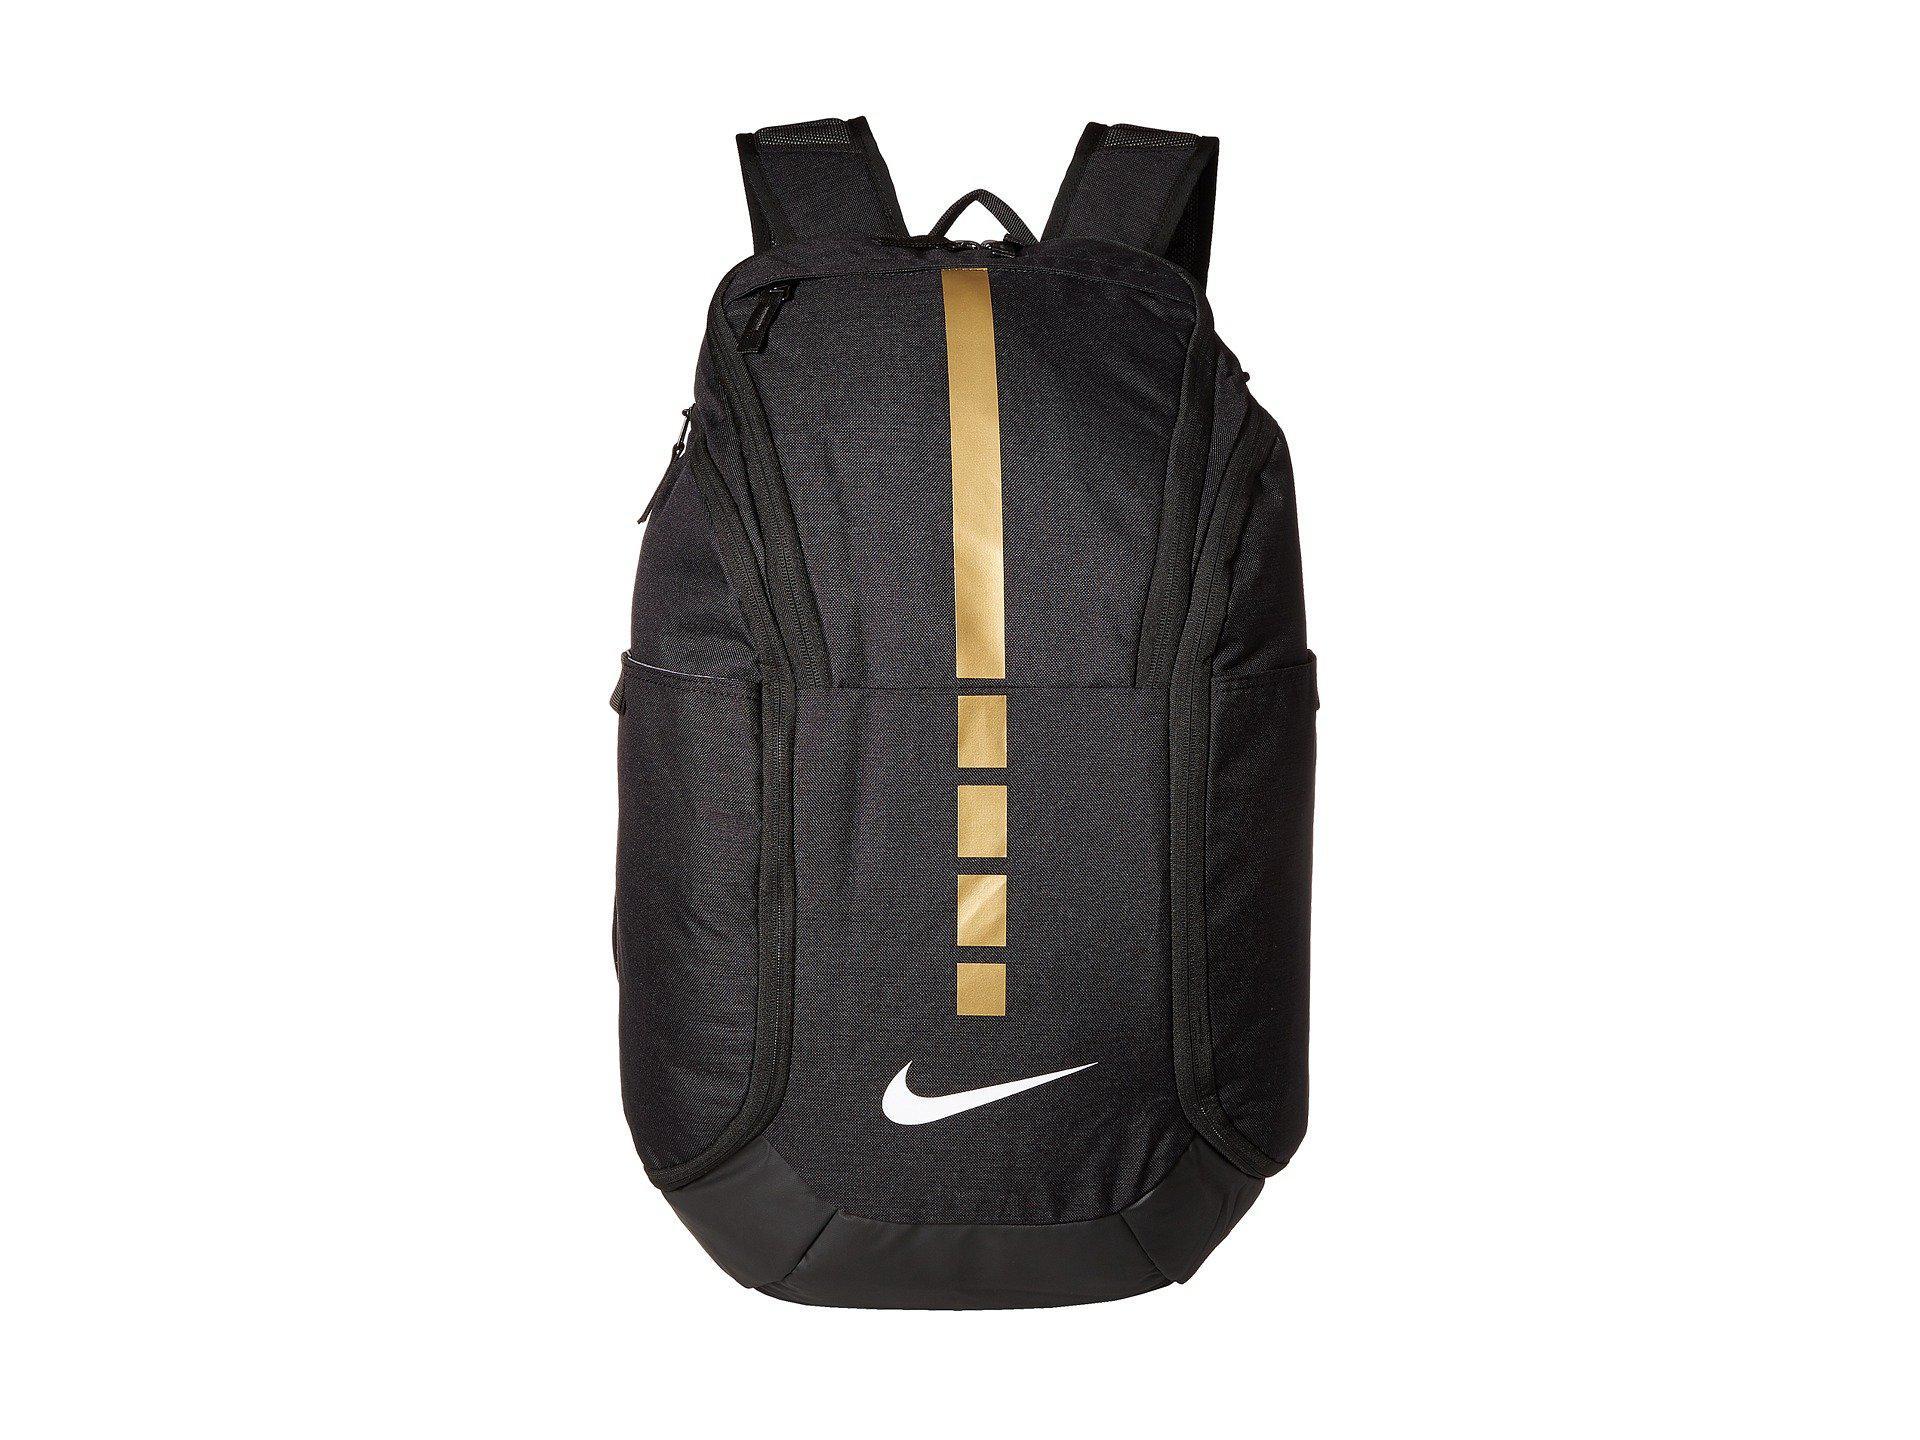 Nike Black Gold Backpack - CEAGESP 7f38e8e2e9b